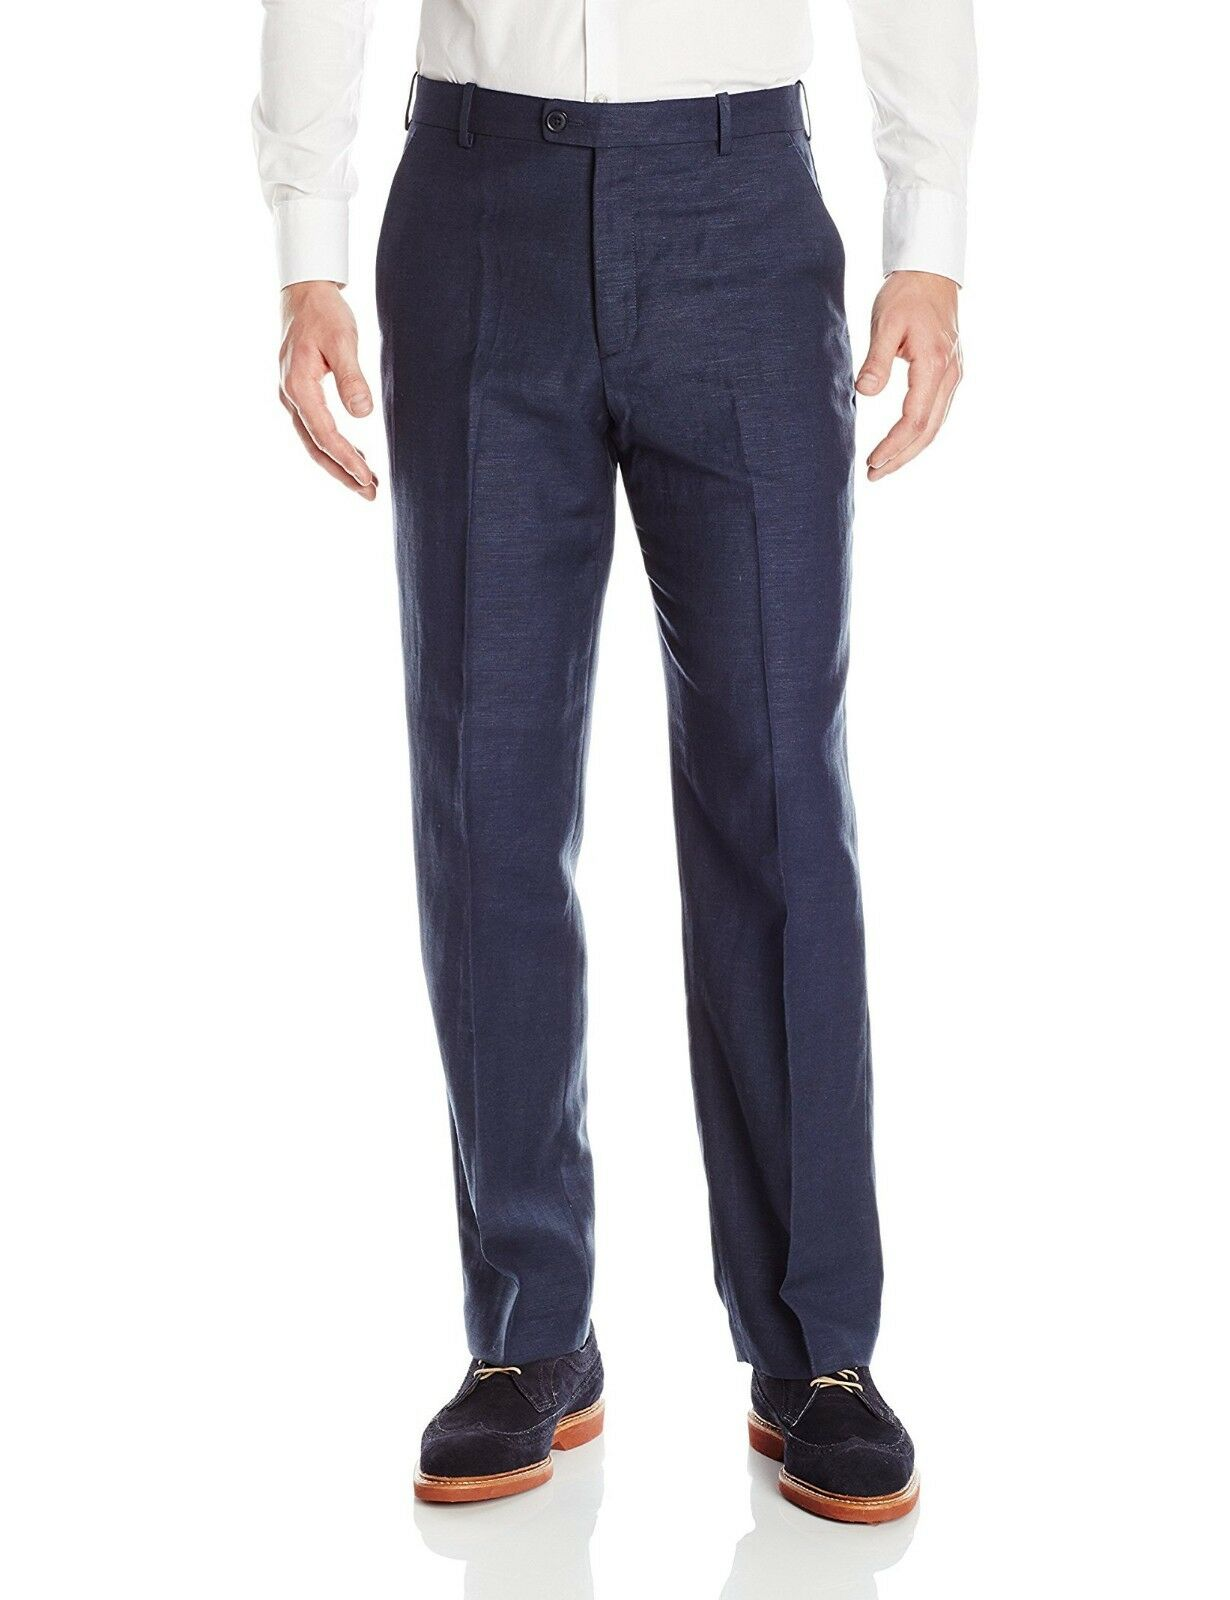 PERRY ELLIS PORTFOLIO men blueE FIT FLAT FRONT SUIT DRESS PANTS 30 W 30 L